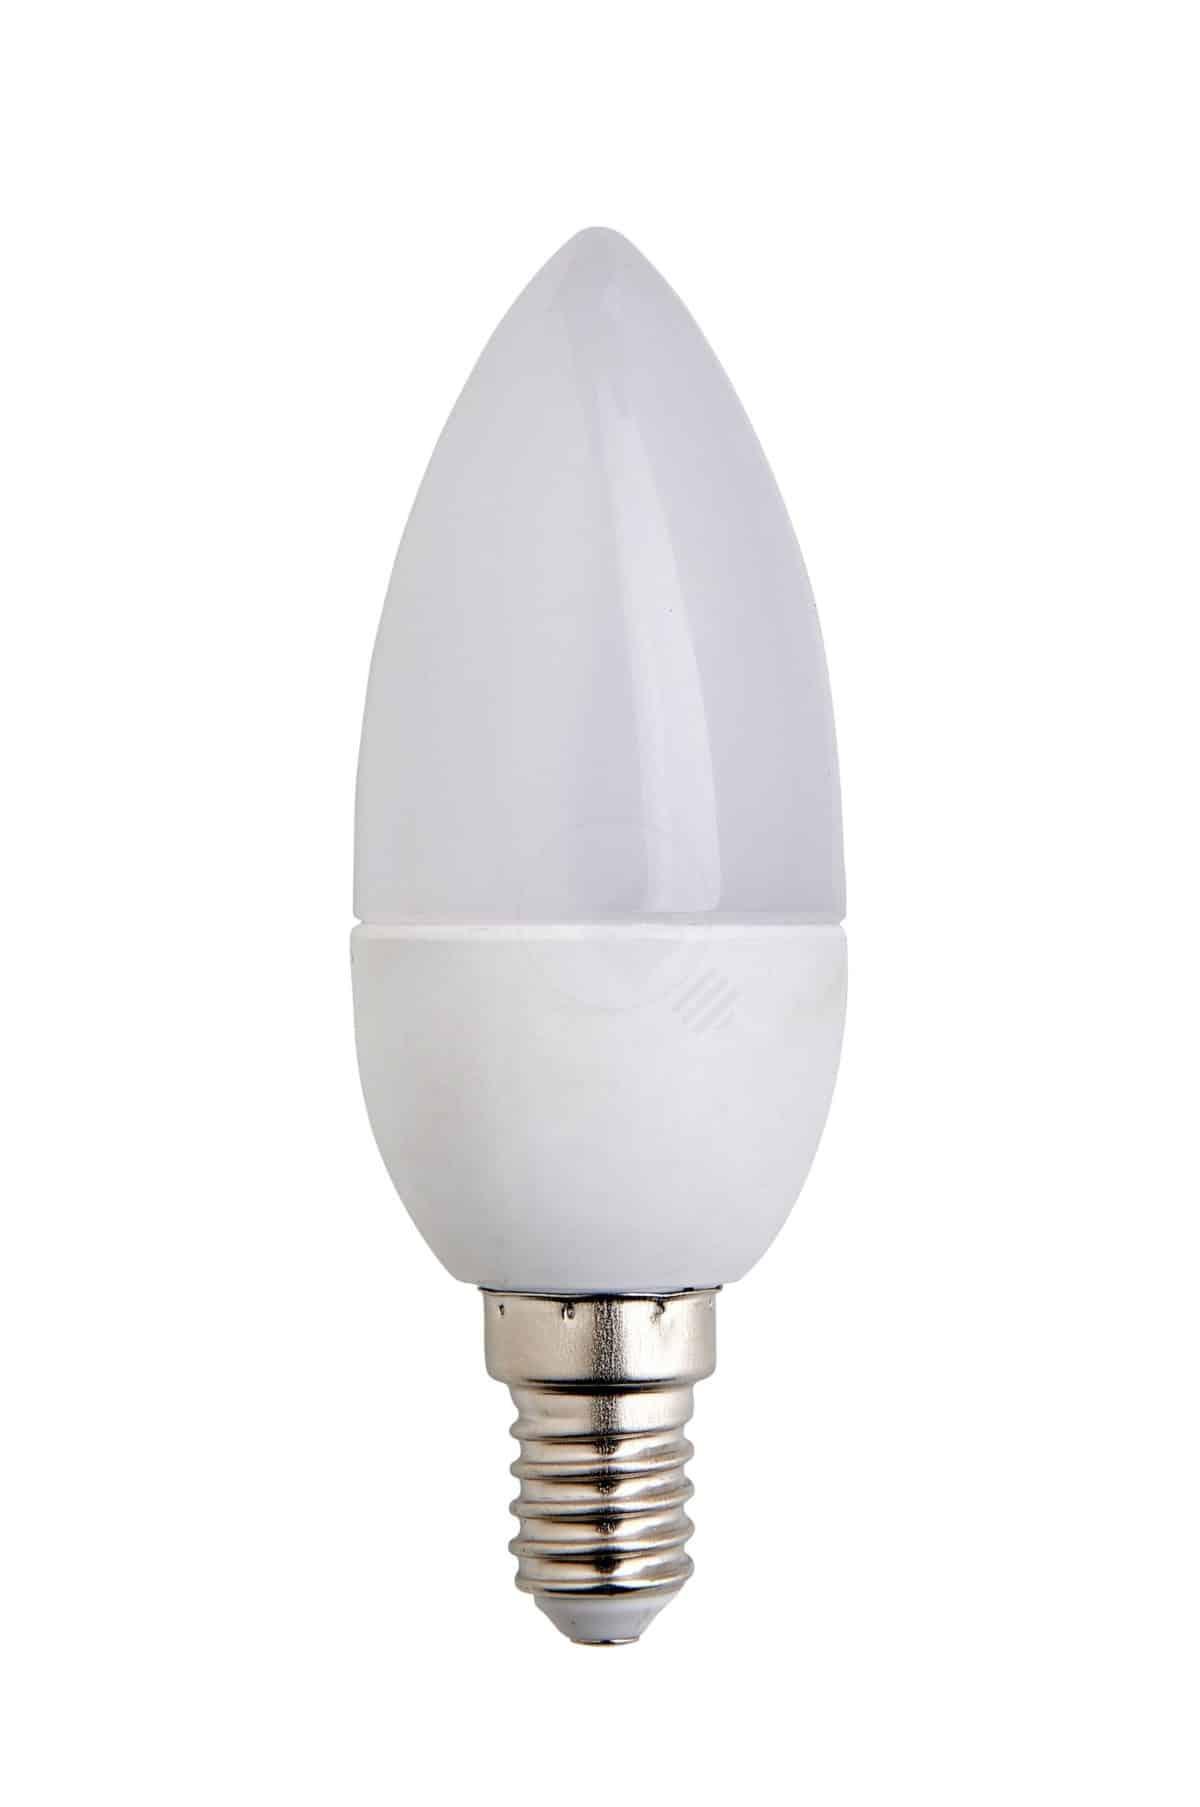 Λάμπα Led κερί E14 5W 500Lm 4000K BSL 0635/02422 BIG LED